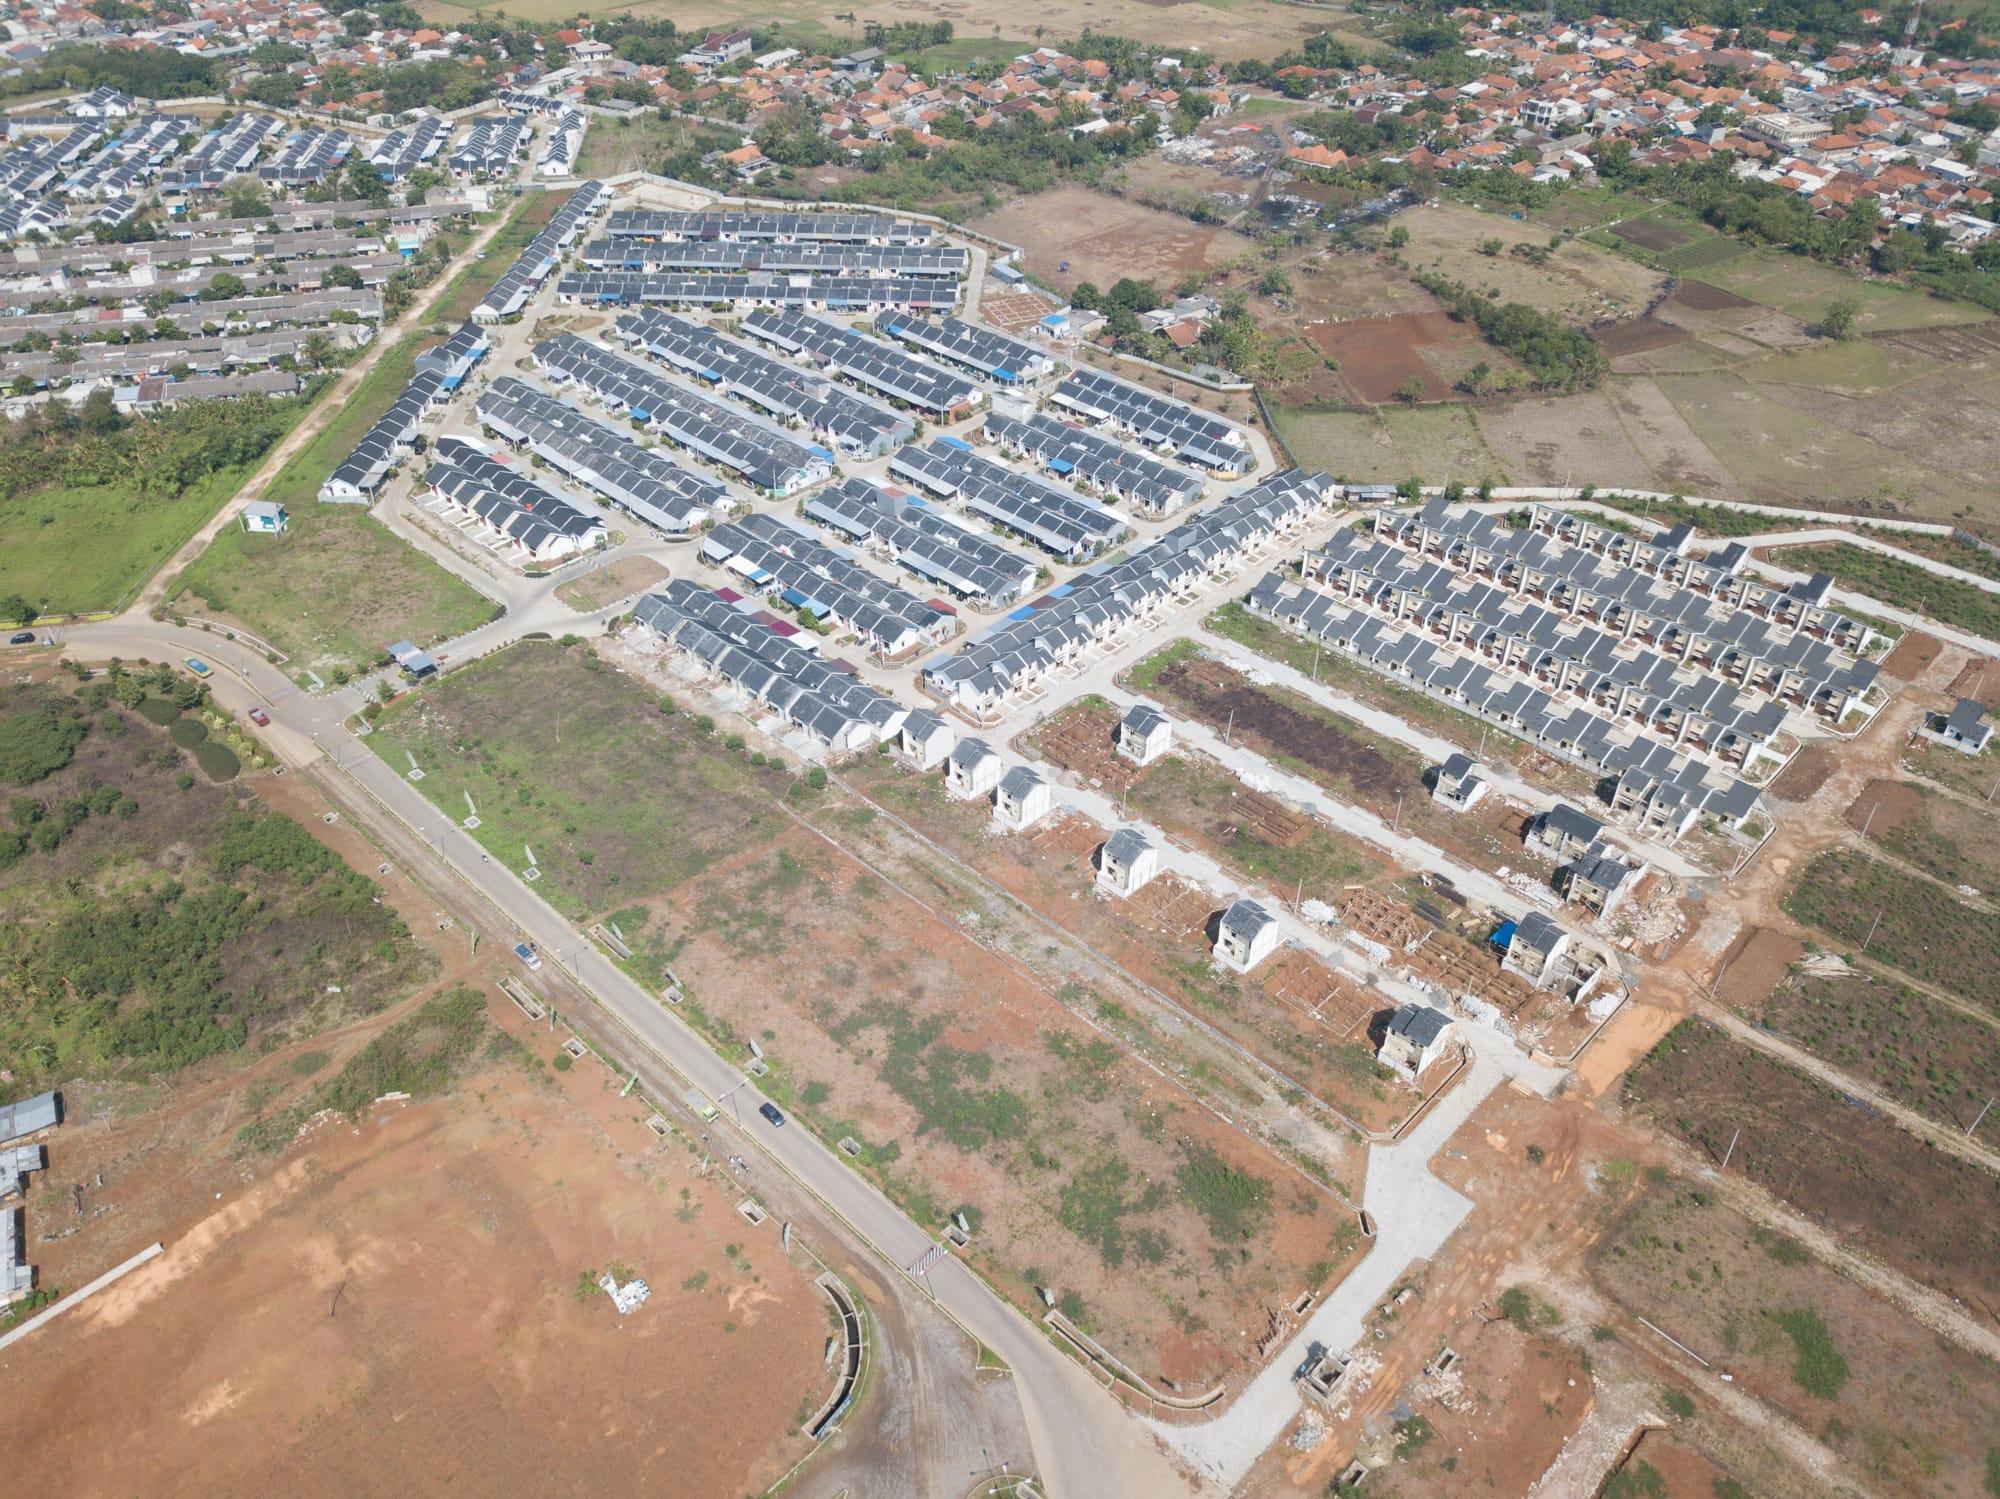 Bumi Indah City Aerial 10